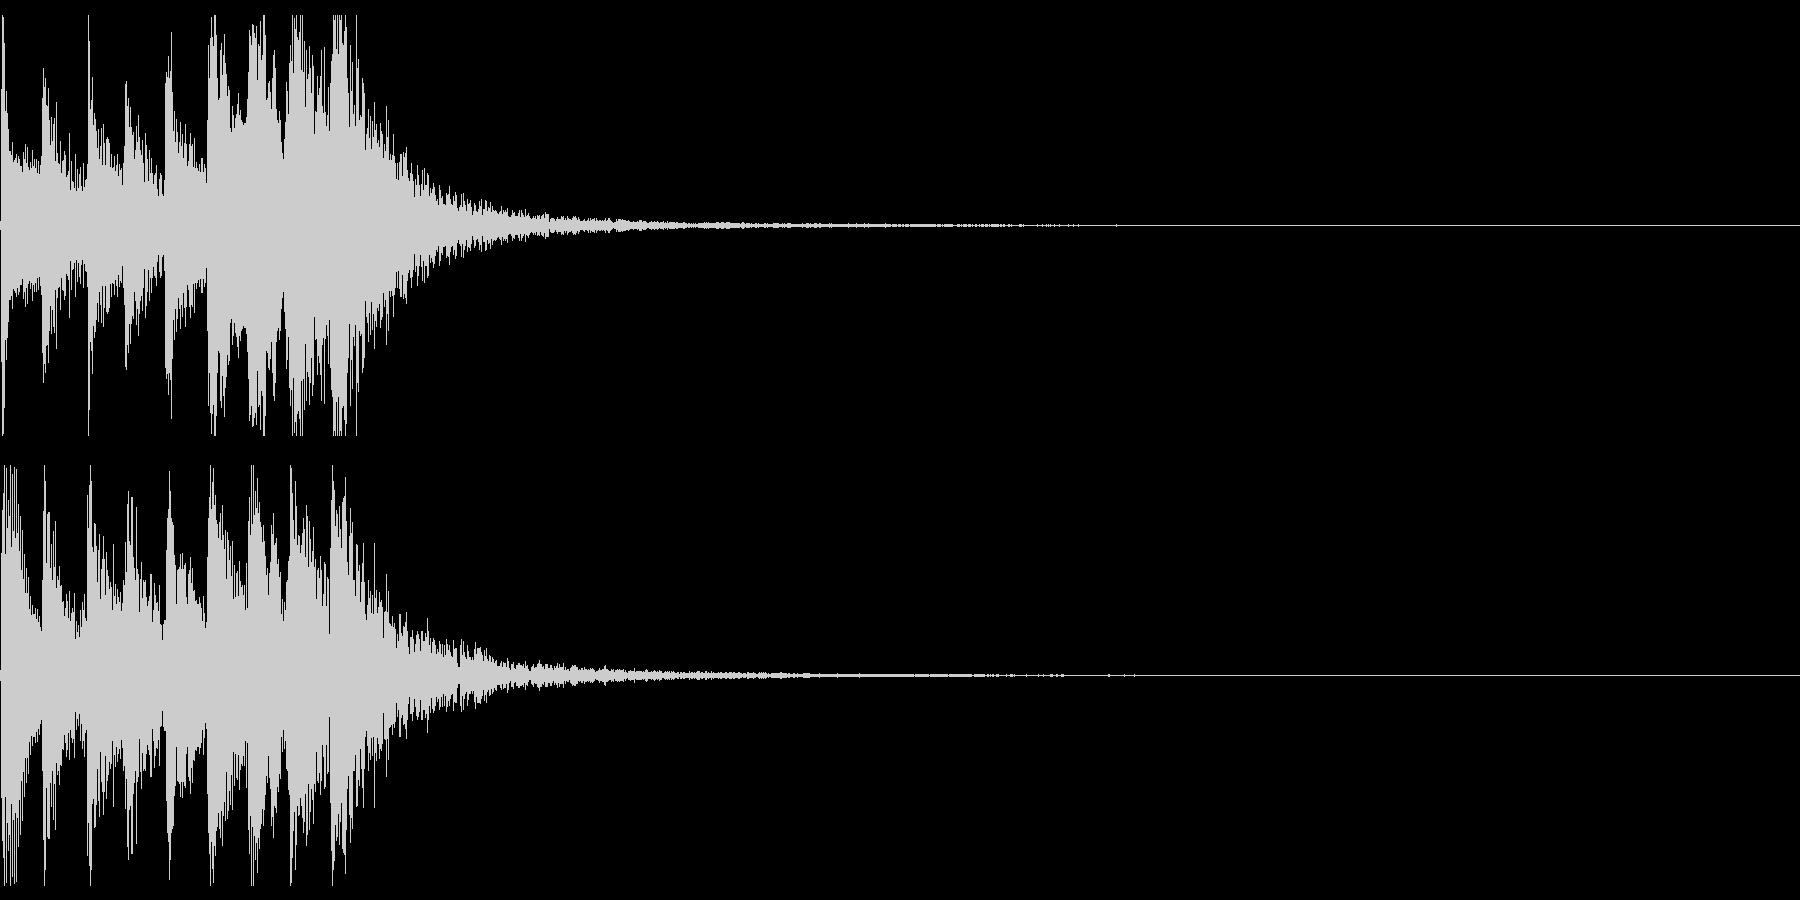 三味線フレーズ03(上昇)の未再生の波形